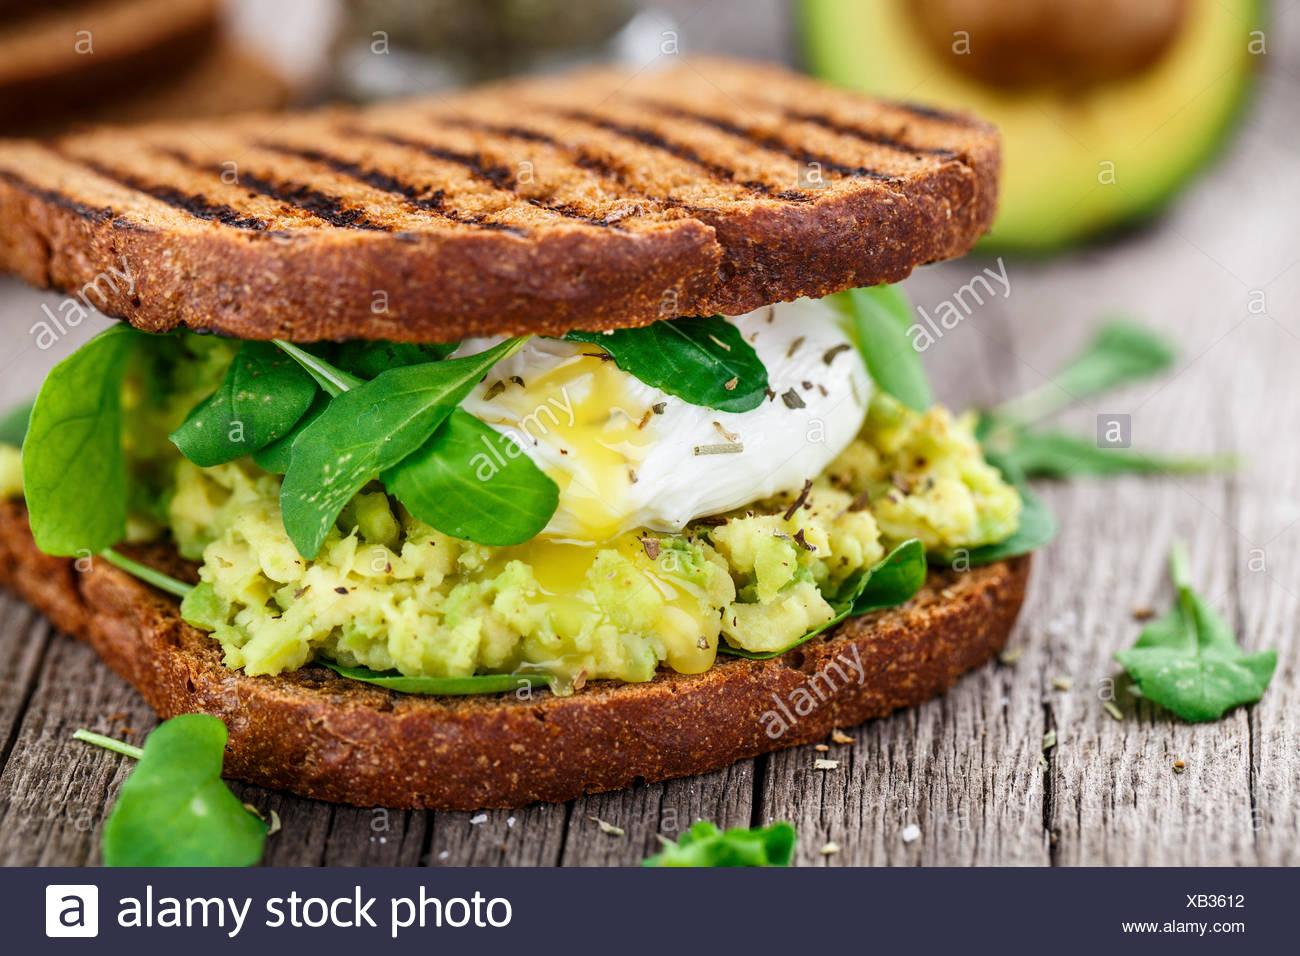 Sandwich alla griglia con avocado, uovo in camicia e rucola sul tavolo di legno Immagini Stock